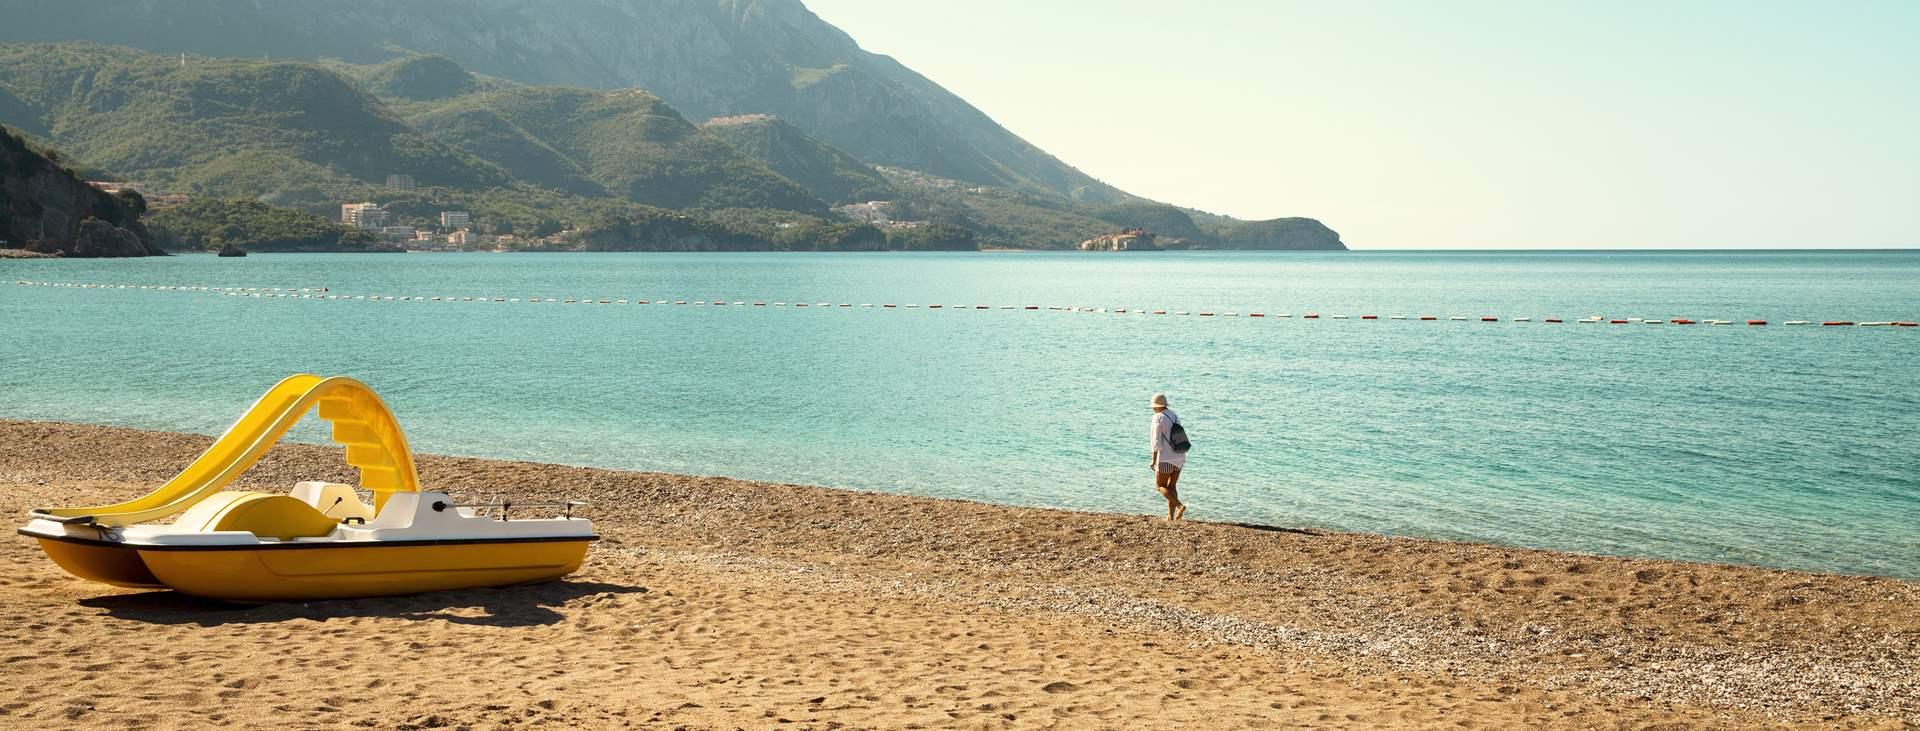 Boka en resa med All Inclusive till Becici i Montenegro